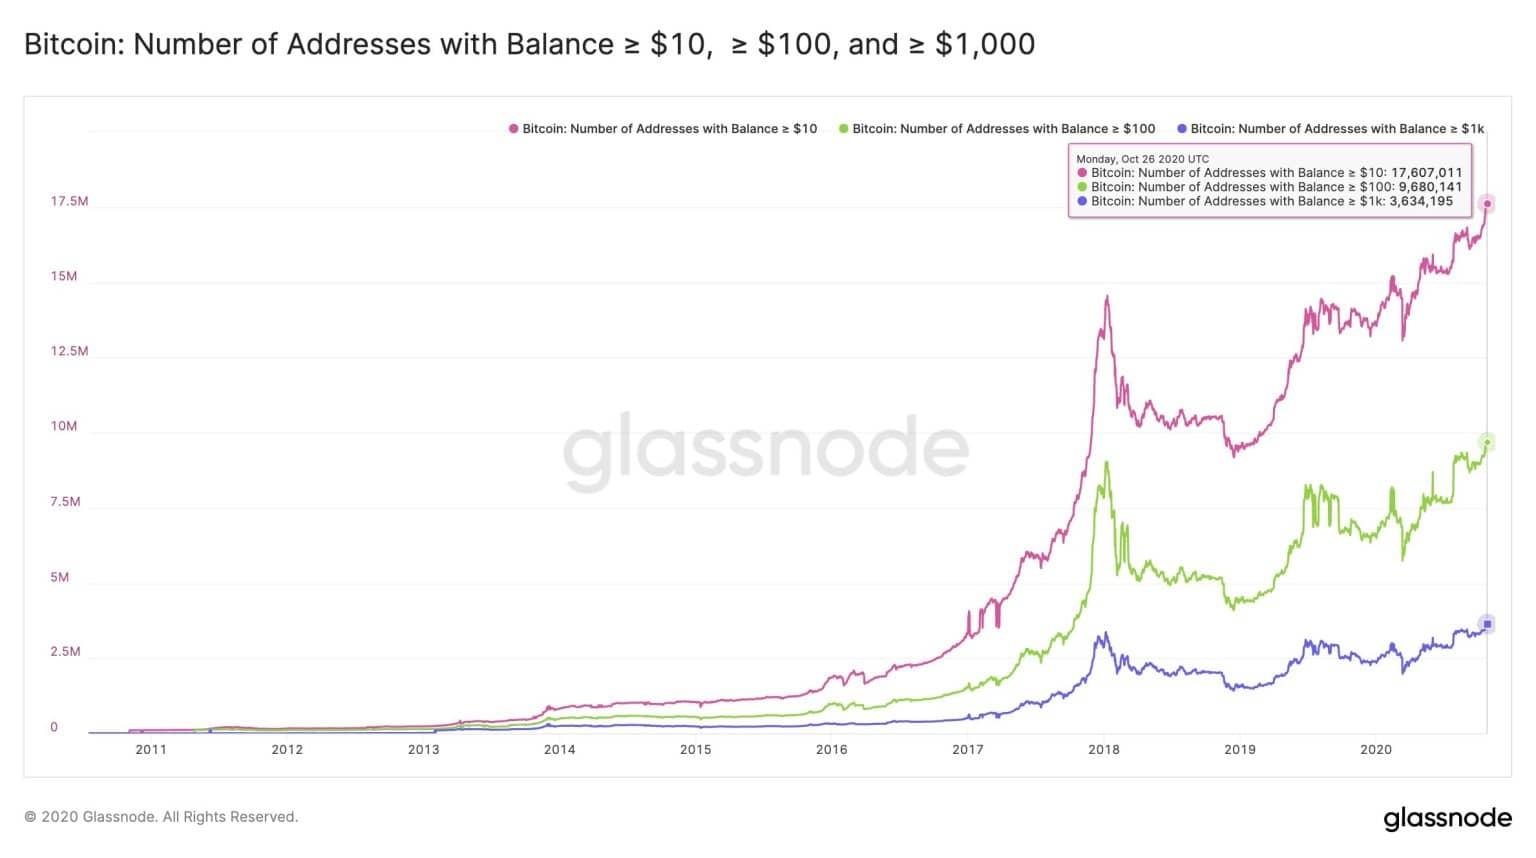 cât de mult este 3 bitcoin în valoare de)